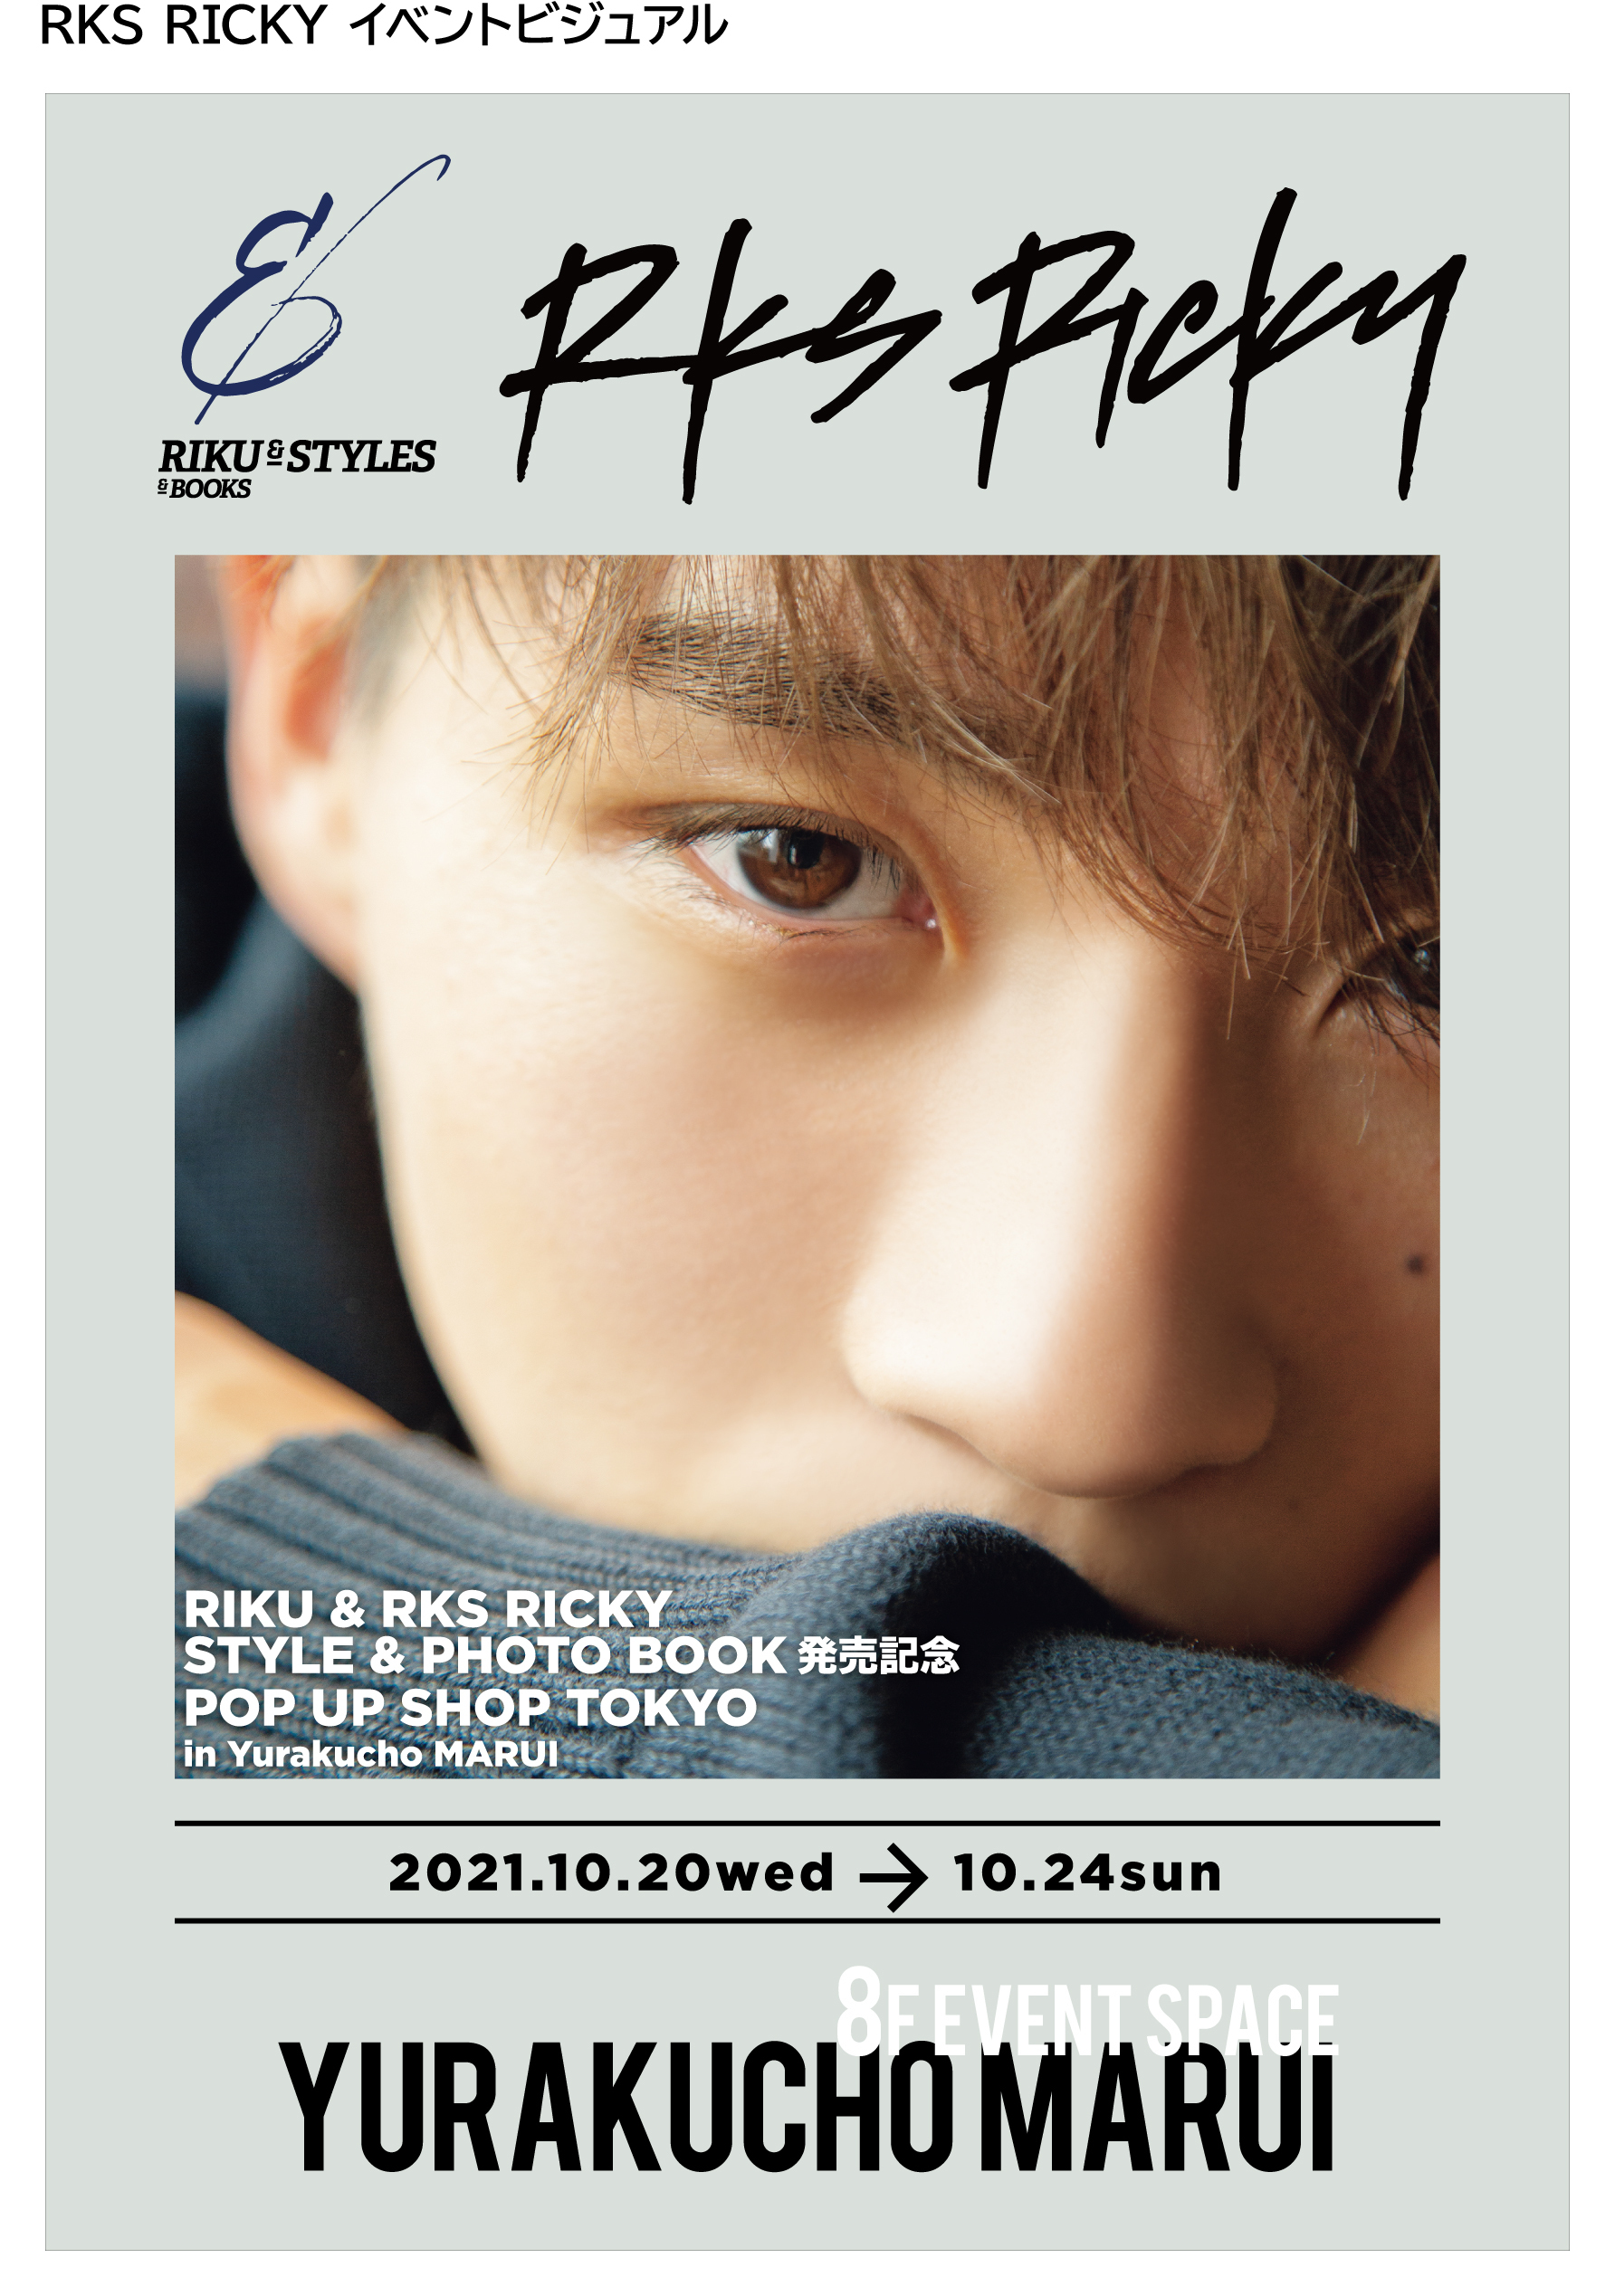 【RIKU & RKS RICKY STYLE & PHOTO BOOK発売記念 POP UP SHOP in TOKYO】開催決定! ※10月8日更新版